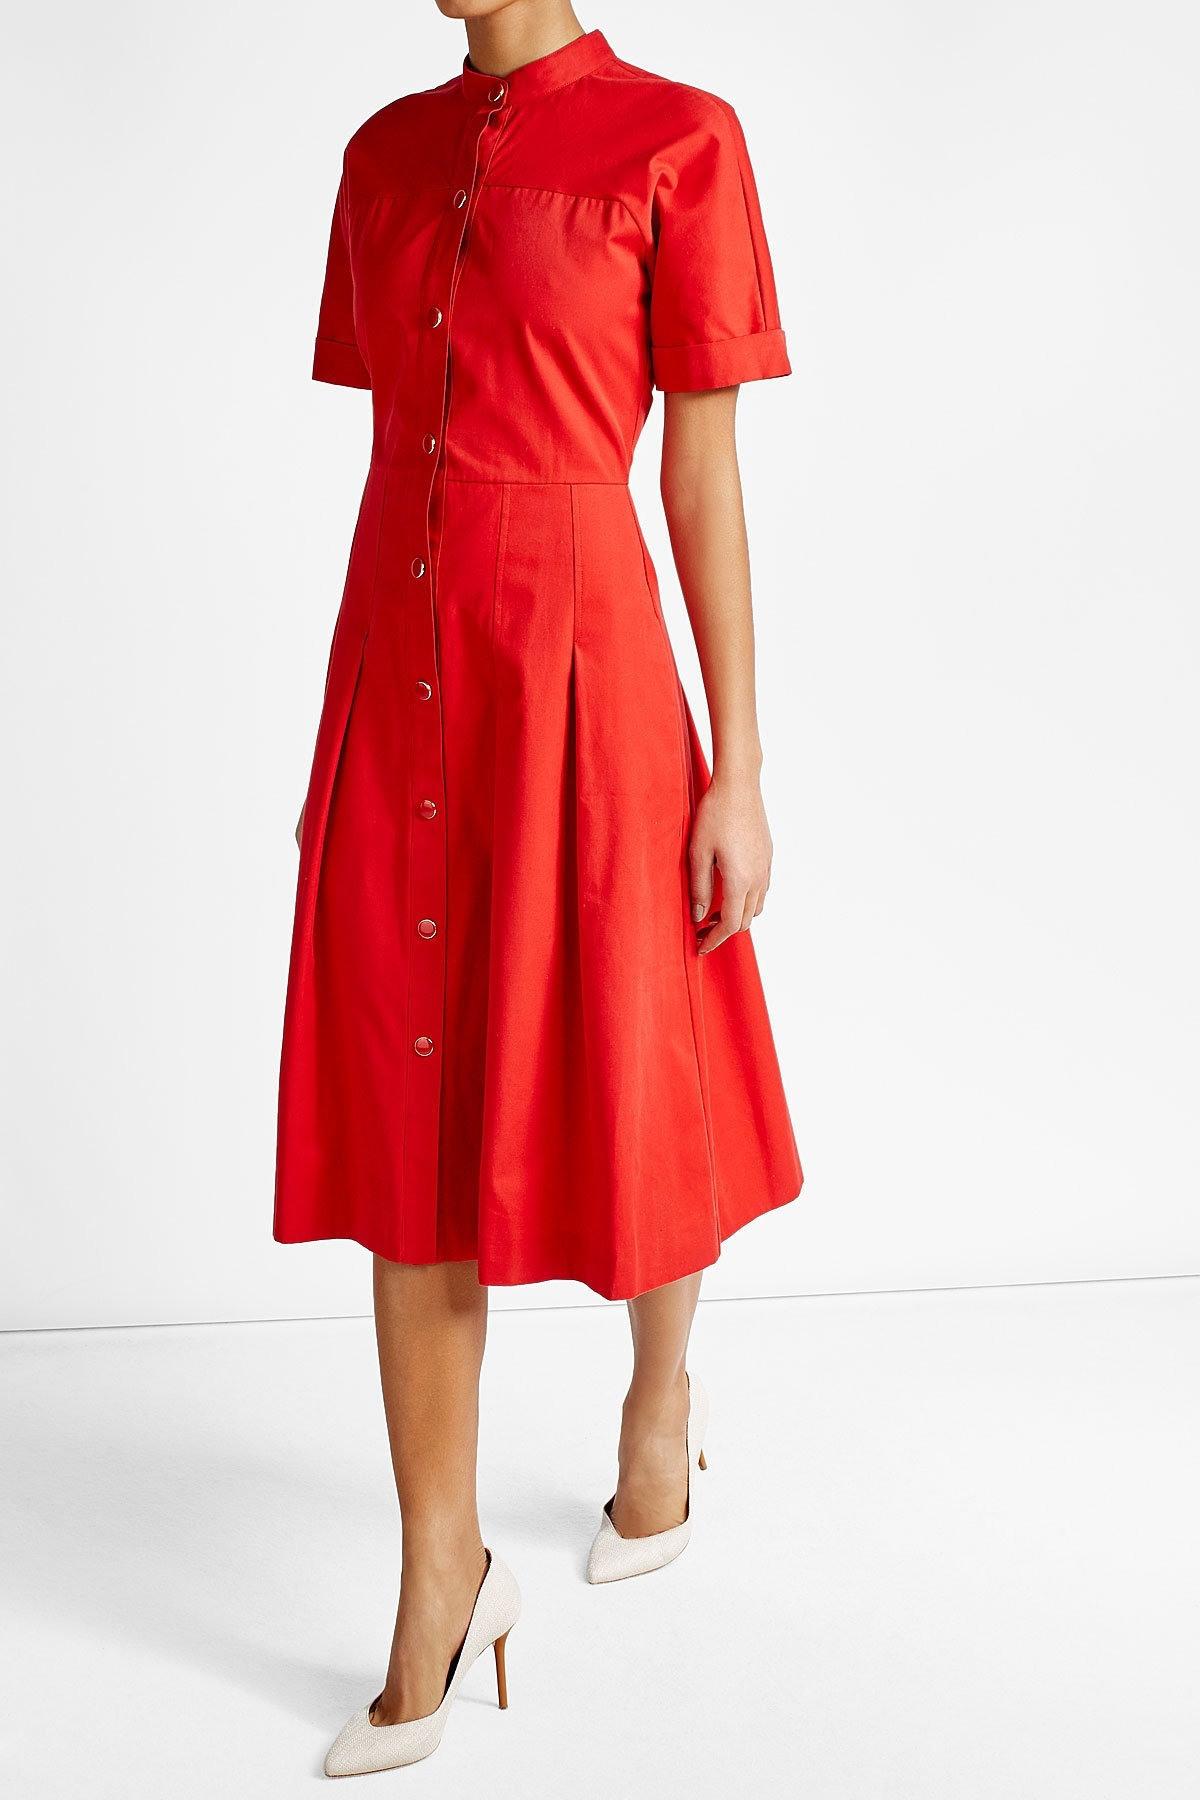 Formal Luxus Zara Damen Abendkleider für 201910 Schön Zara Damen Abendkleider Bester Preis